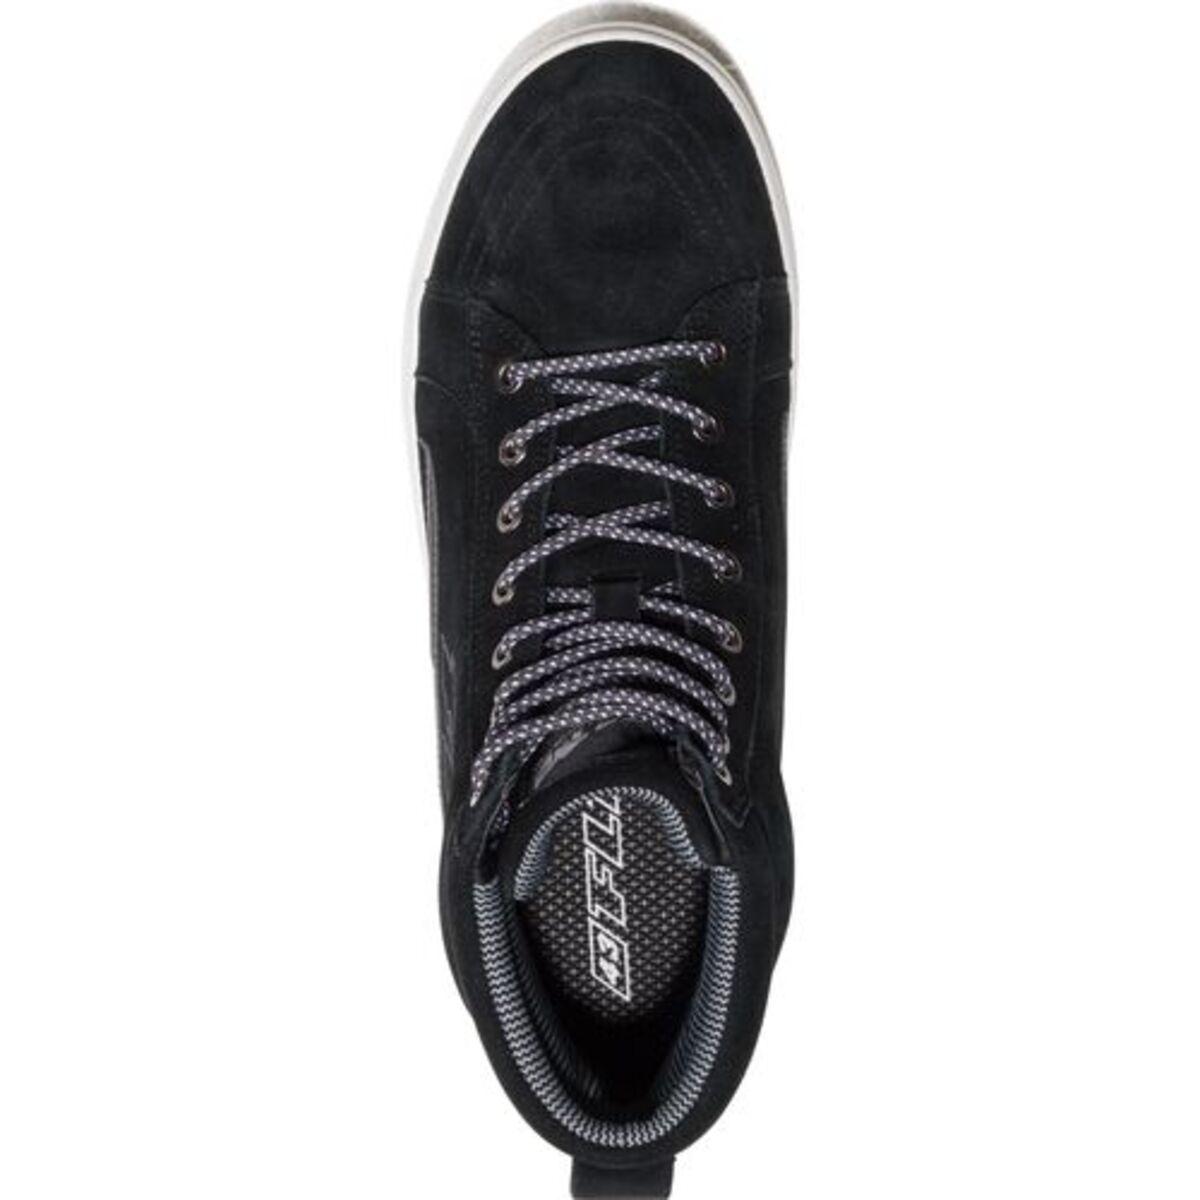 Bild 2 von FLM            City Schuh 2.0 schwarz